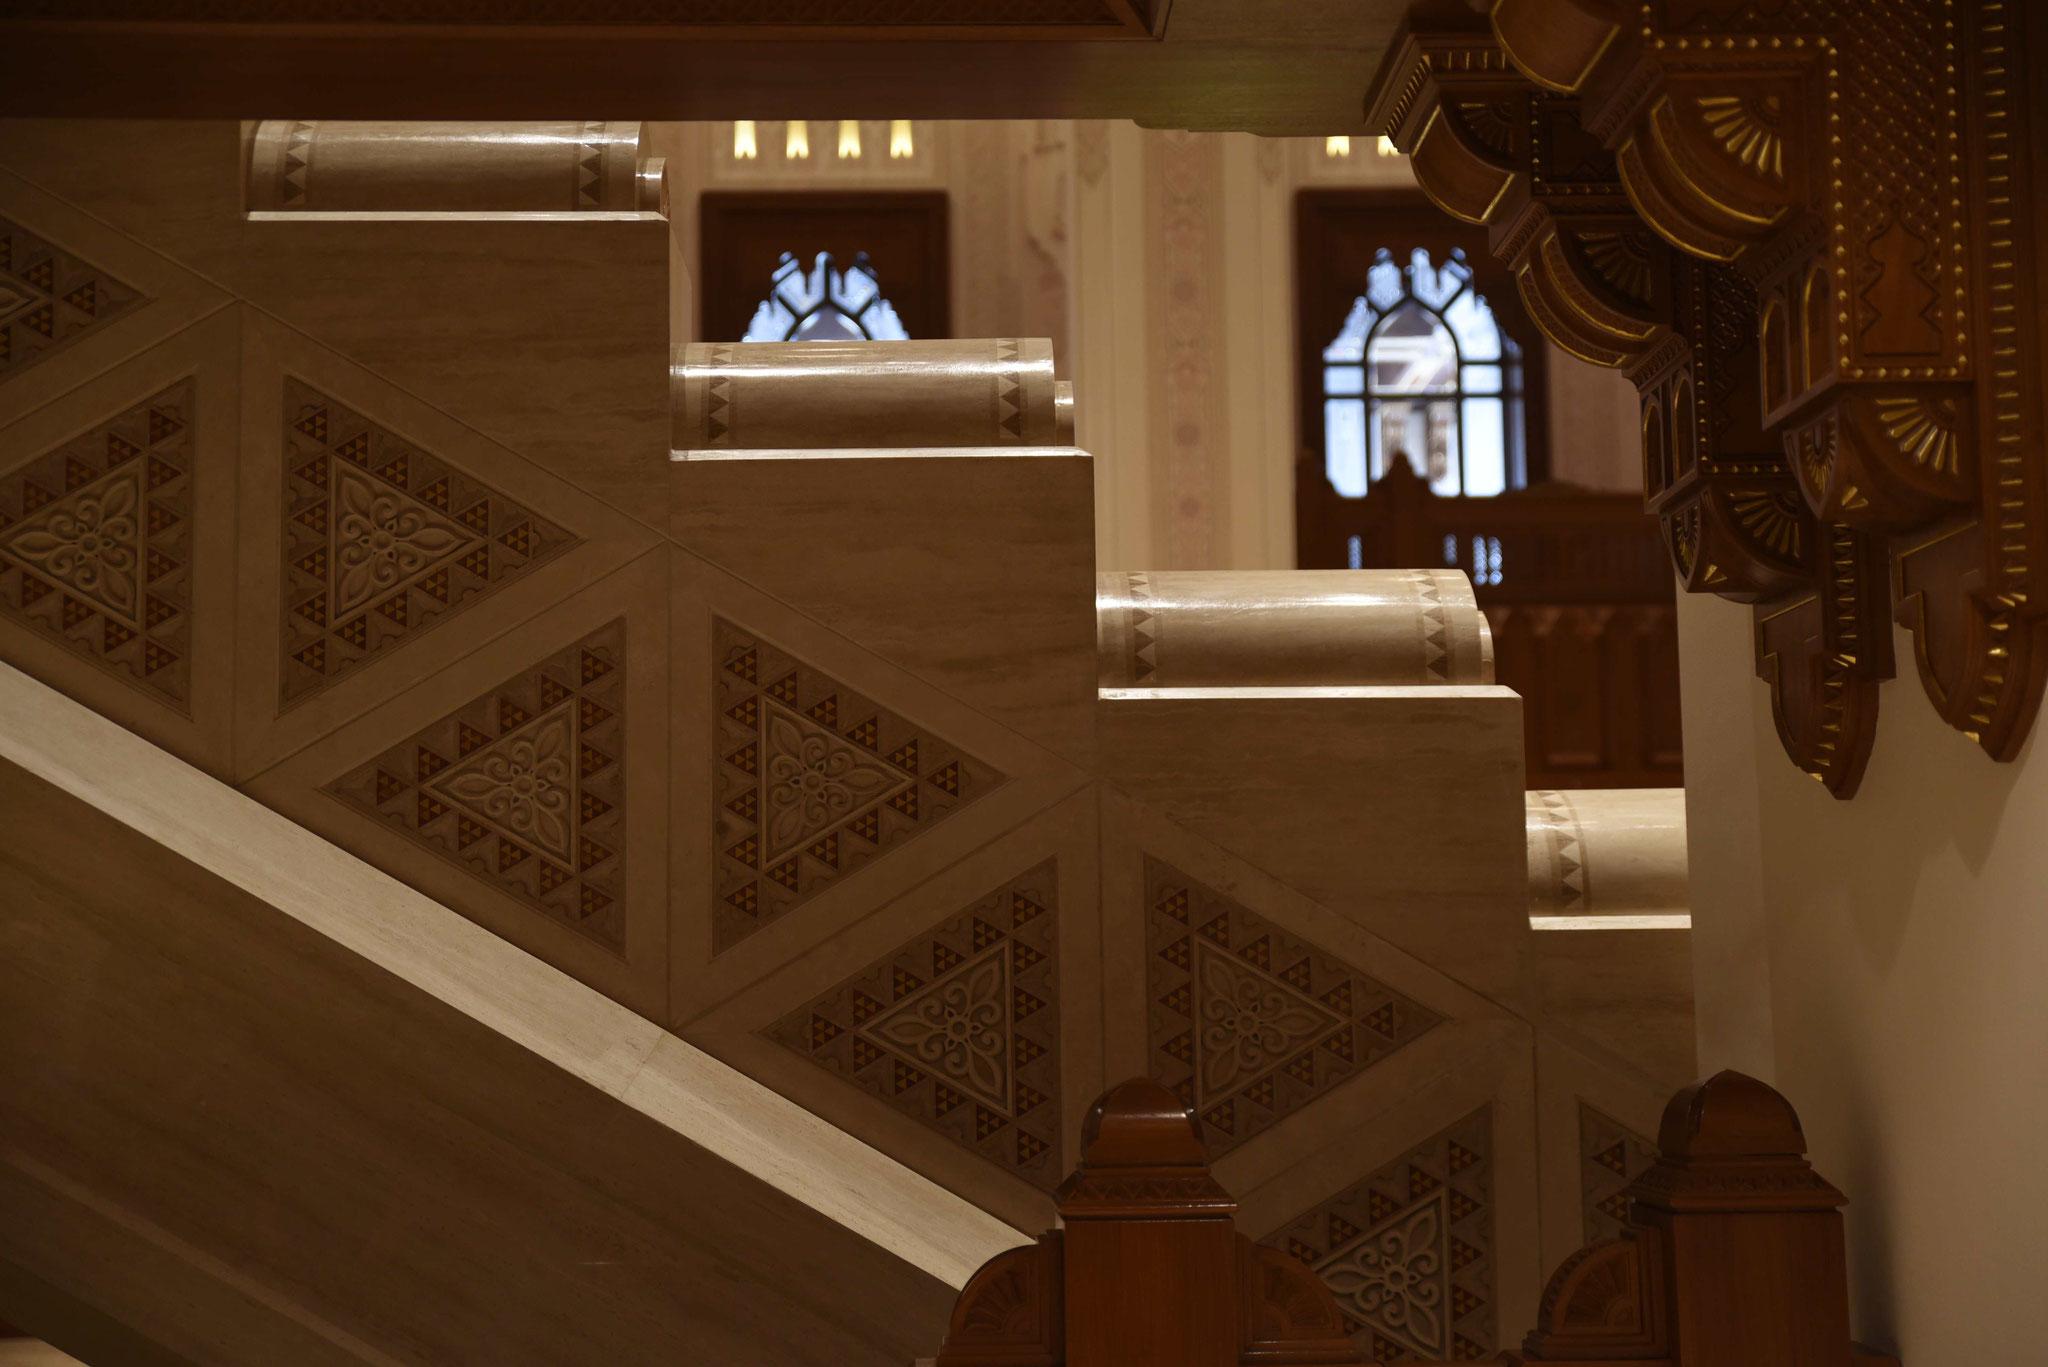 Verzierungen an den Treppen